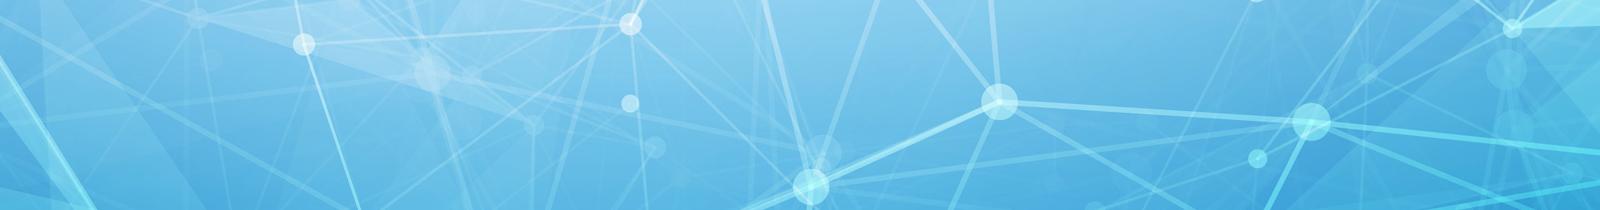 фон для страницы для Электромагнитного счетчика воды iPERL